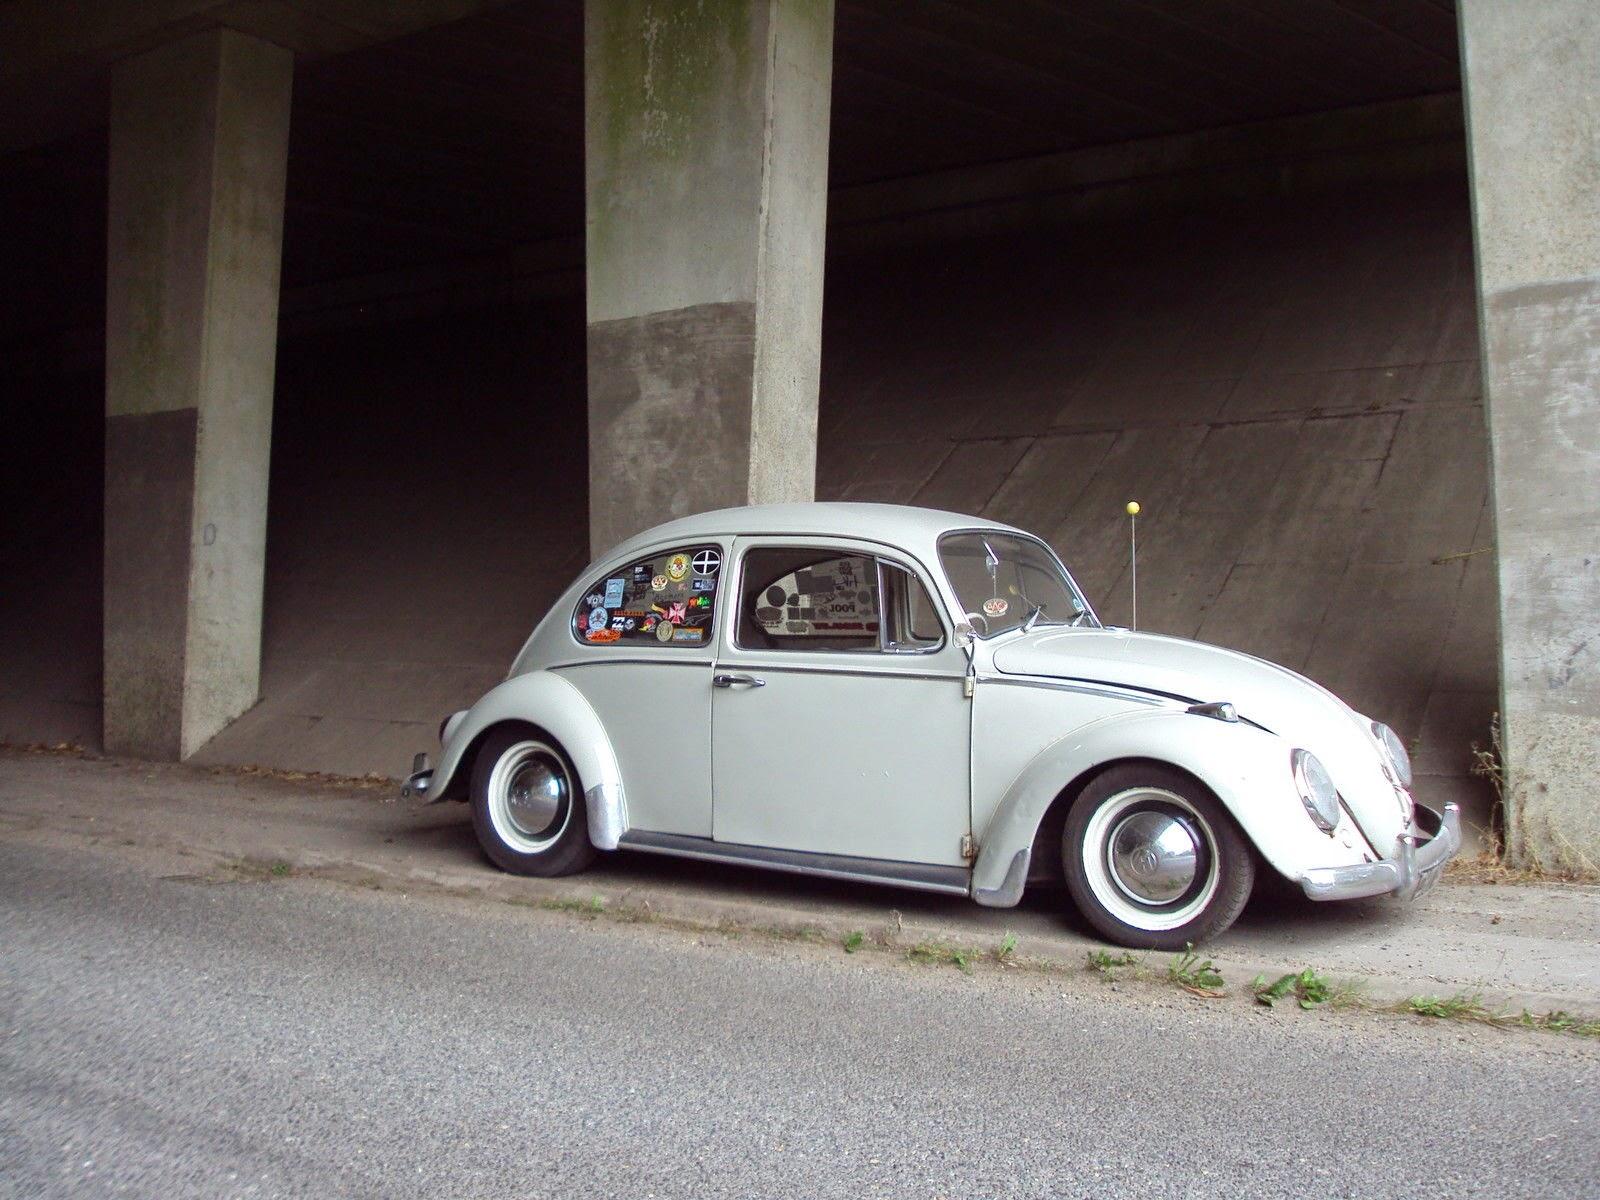 For Sale Volkswagen Beetle Grey 1965 - Buy Classic Volks